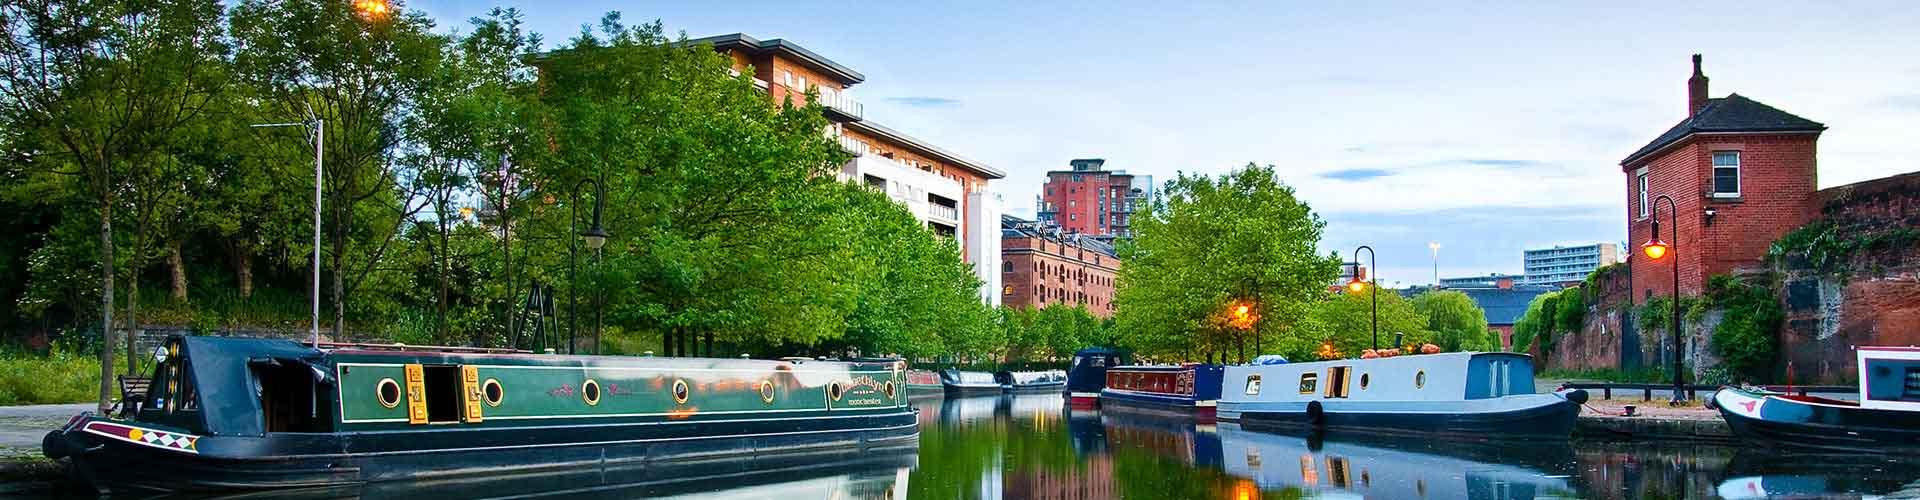 Manchester - Habitaciones en Manchester. Mapas de Manchester, Fotos y comentarios de cada Habitación en Manchester.